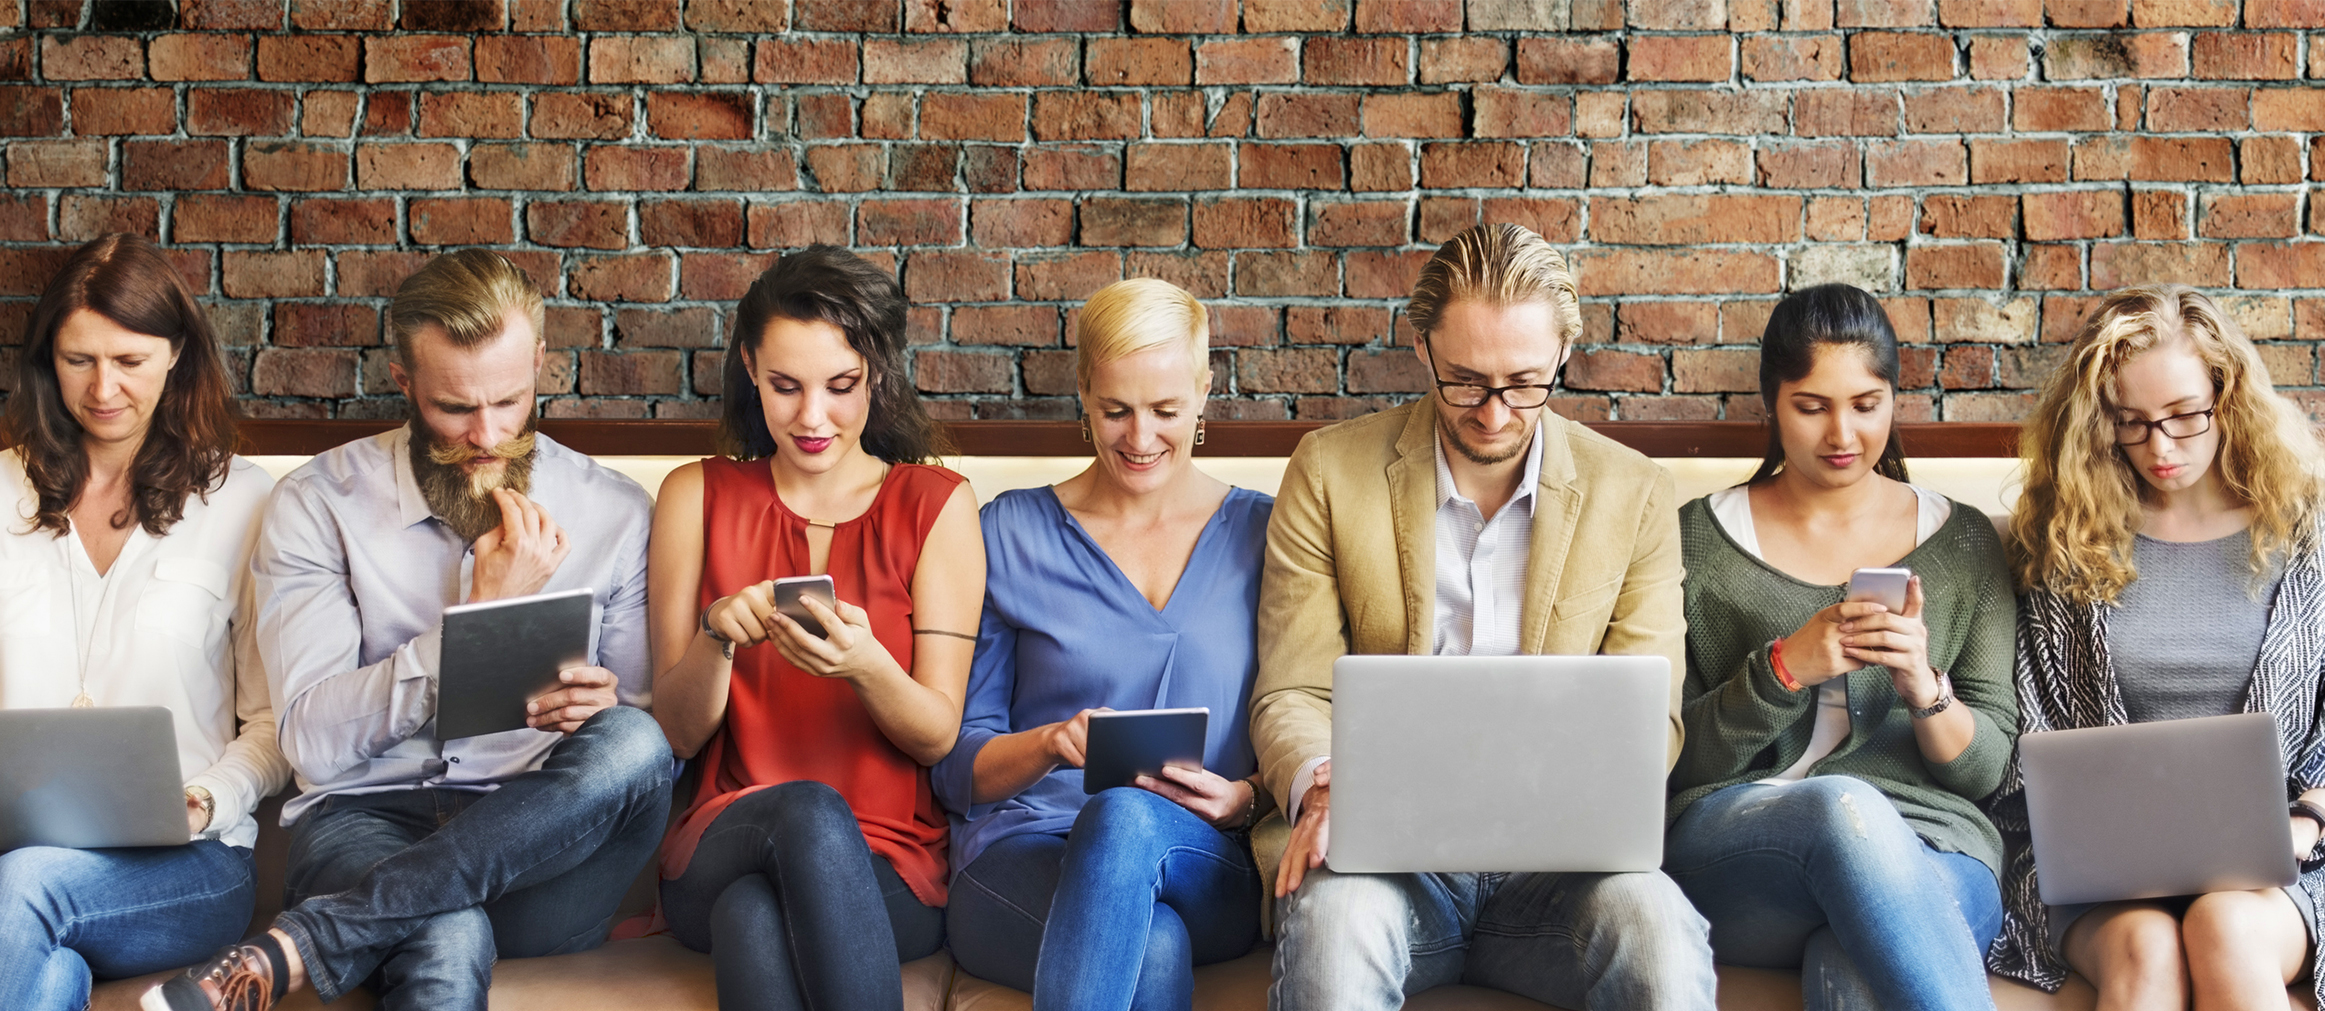 6 typische Smartphone-Charaktere